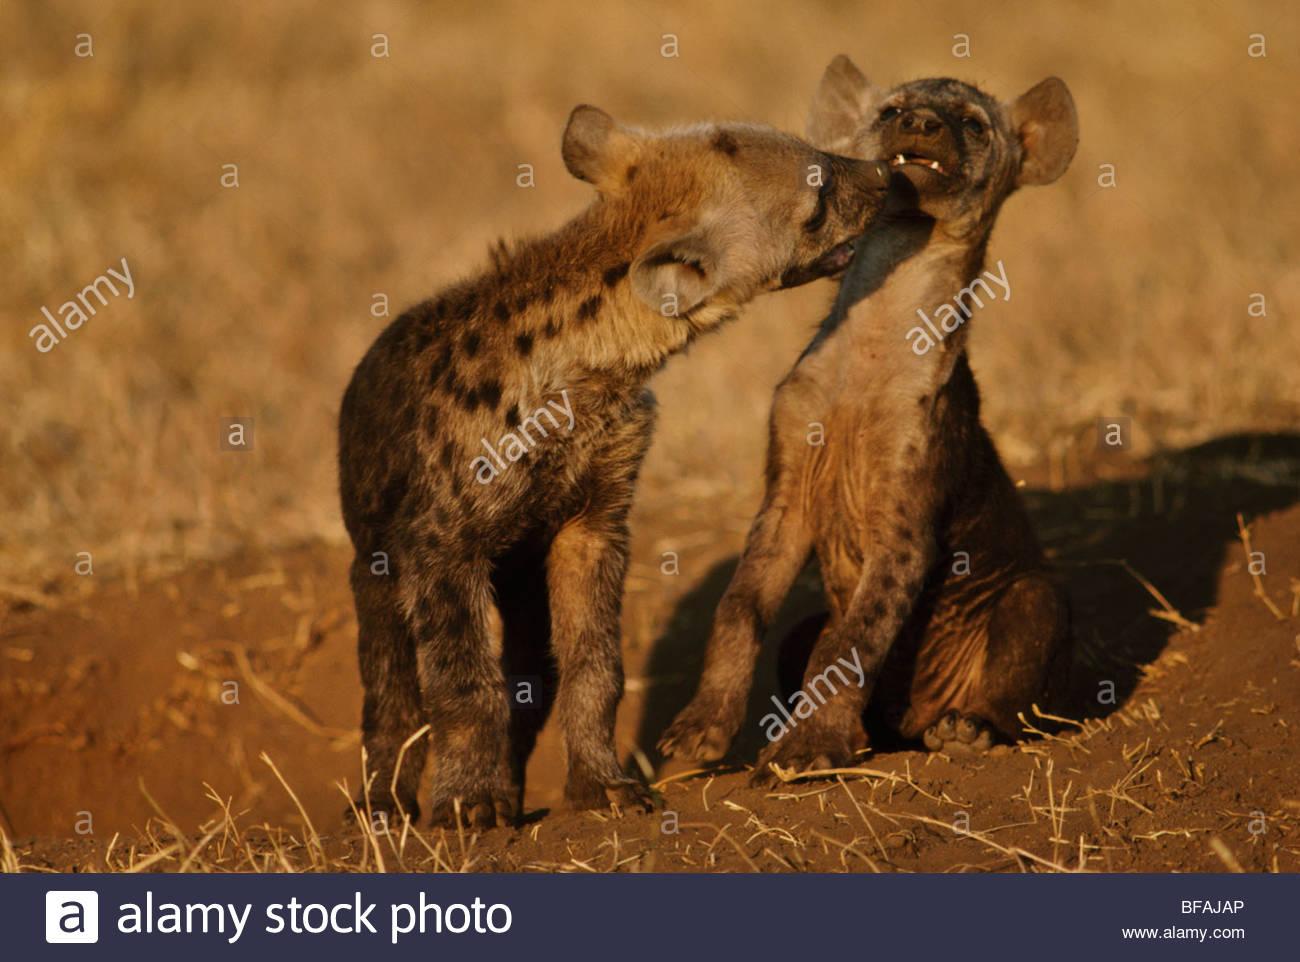 Spotted hyena pups playing, Crocuta crocuta, Masai Mara Reserve, Kenya - Stock Image